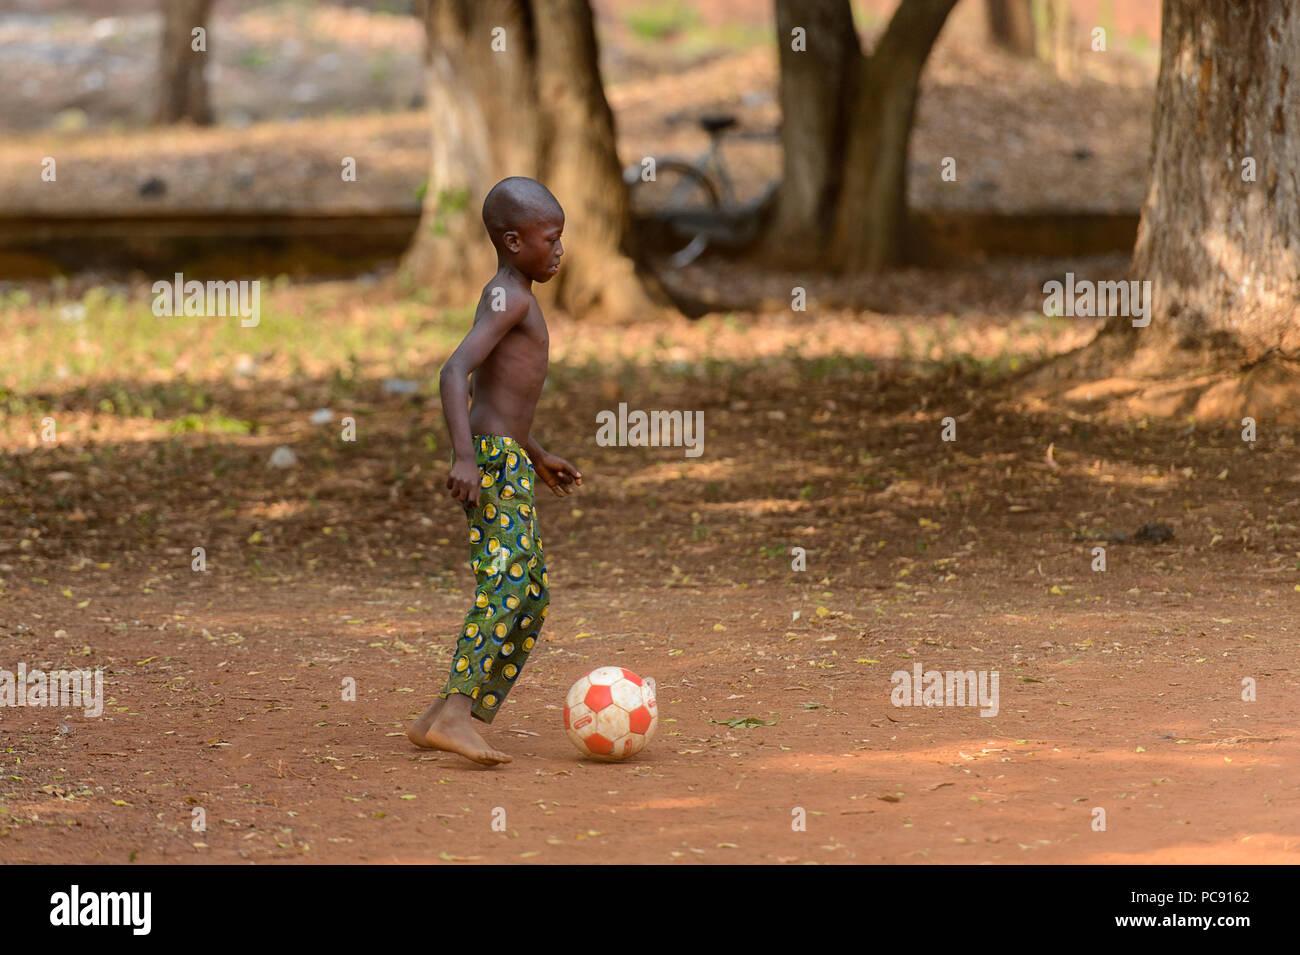 afrika junge nackt